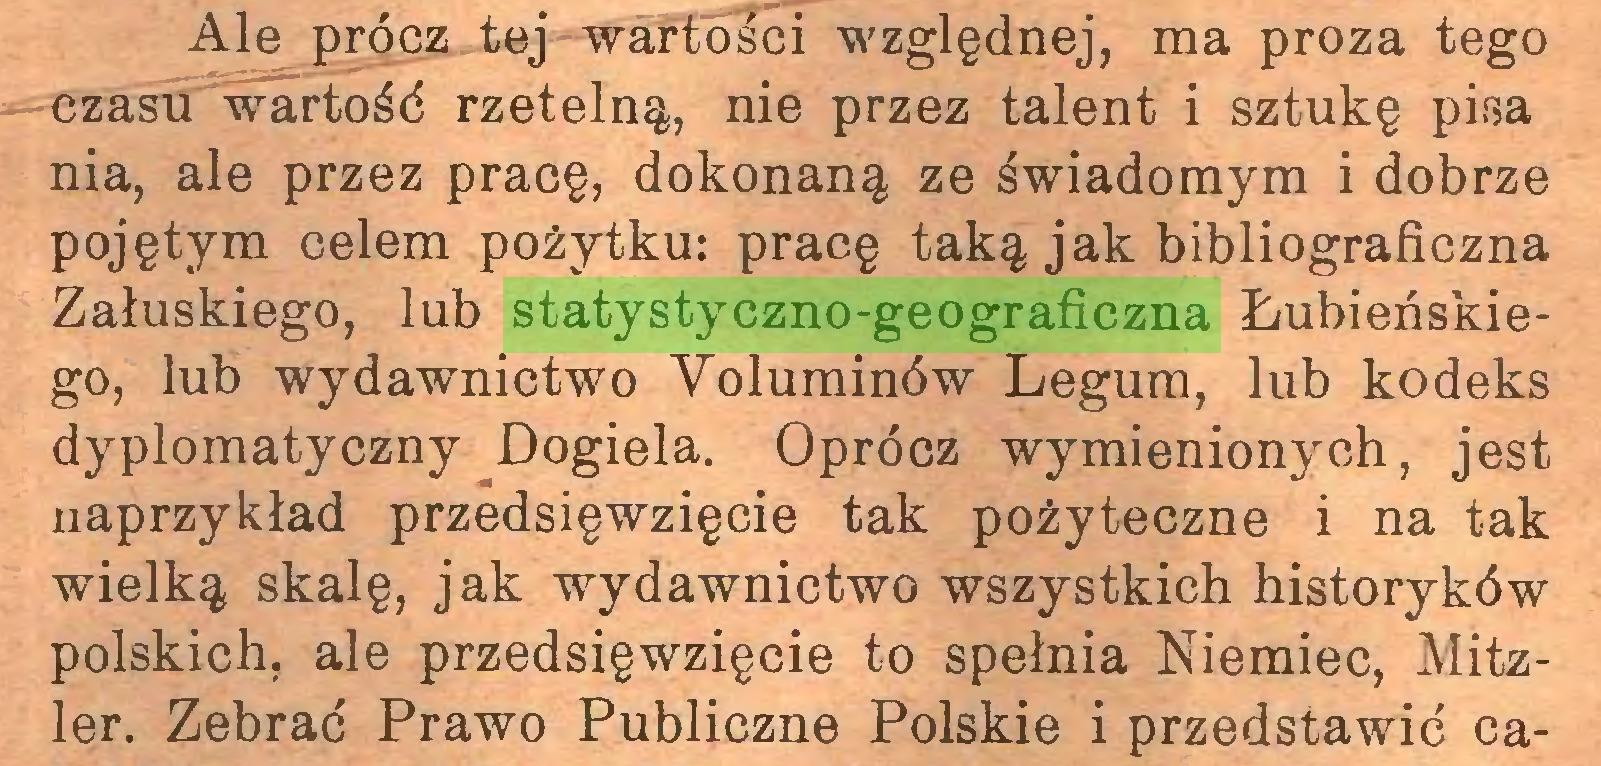 (...) Ale prócz tej wartości względnej, ma proza tego czasu wartość rzetelną, nie przez talent i sztukę pisa nia, ale przez pracę, dokonaną ze świadomym i dobrze pojętym celem pożytku: pracę taką jak bibliograficzna Załuskiego, lub statystyczno-geograficzna Łubieńskiego, lub wydawnictwo Yoluminów Legum, lub kodeks dyplomatyczny Dogiela. Oprócz wymienionych, jest naprzykład przedsięwzięcie tak pożyteczne i na tak wielką skalę, jak wydawnictwo wszystkich historyków polskich, ale przedsięwzięcie to spełnia Niemiec, Mitzler. Zebrać Prawo Publiczne Polskie i przedstawić ca...